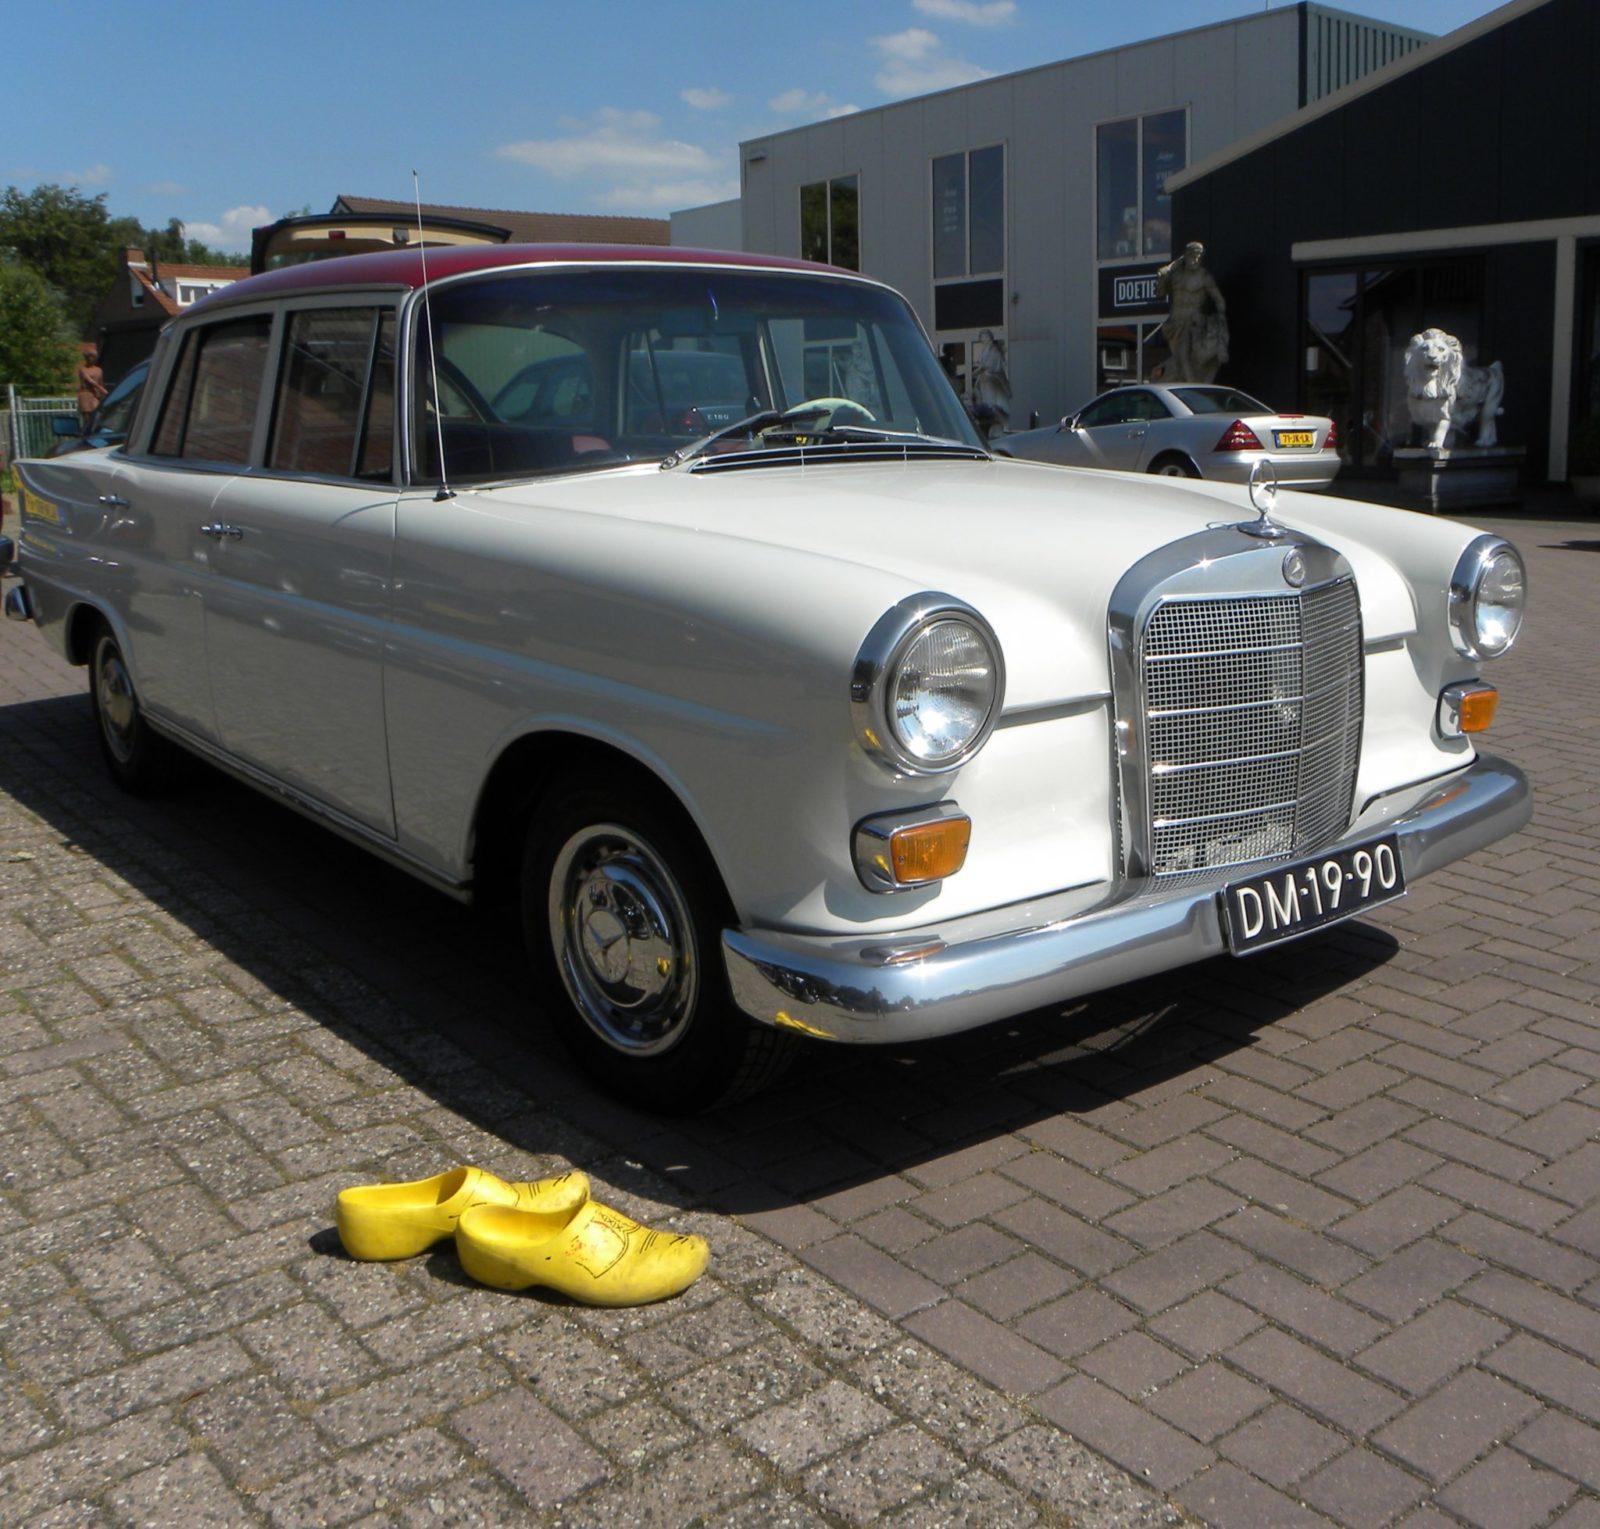 Onder de kap gekeken: een Mercedes-Benz 200 motorruimte